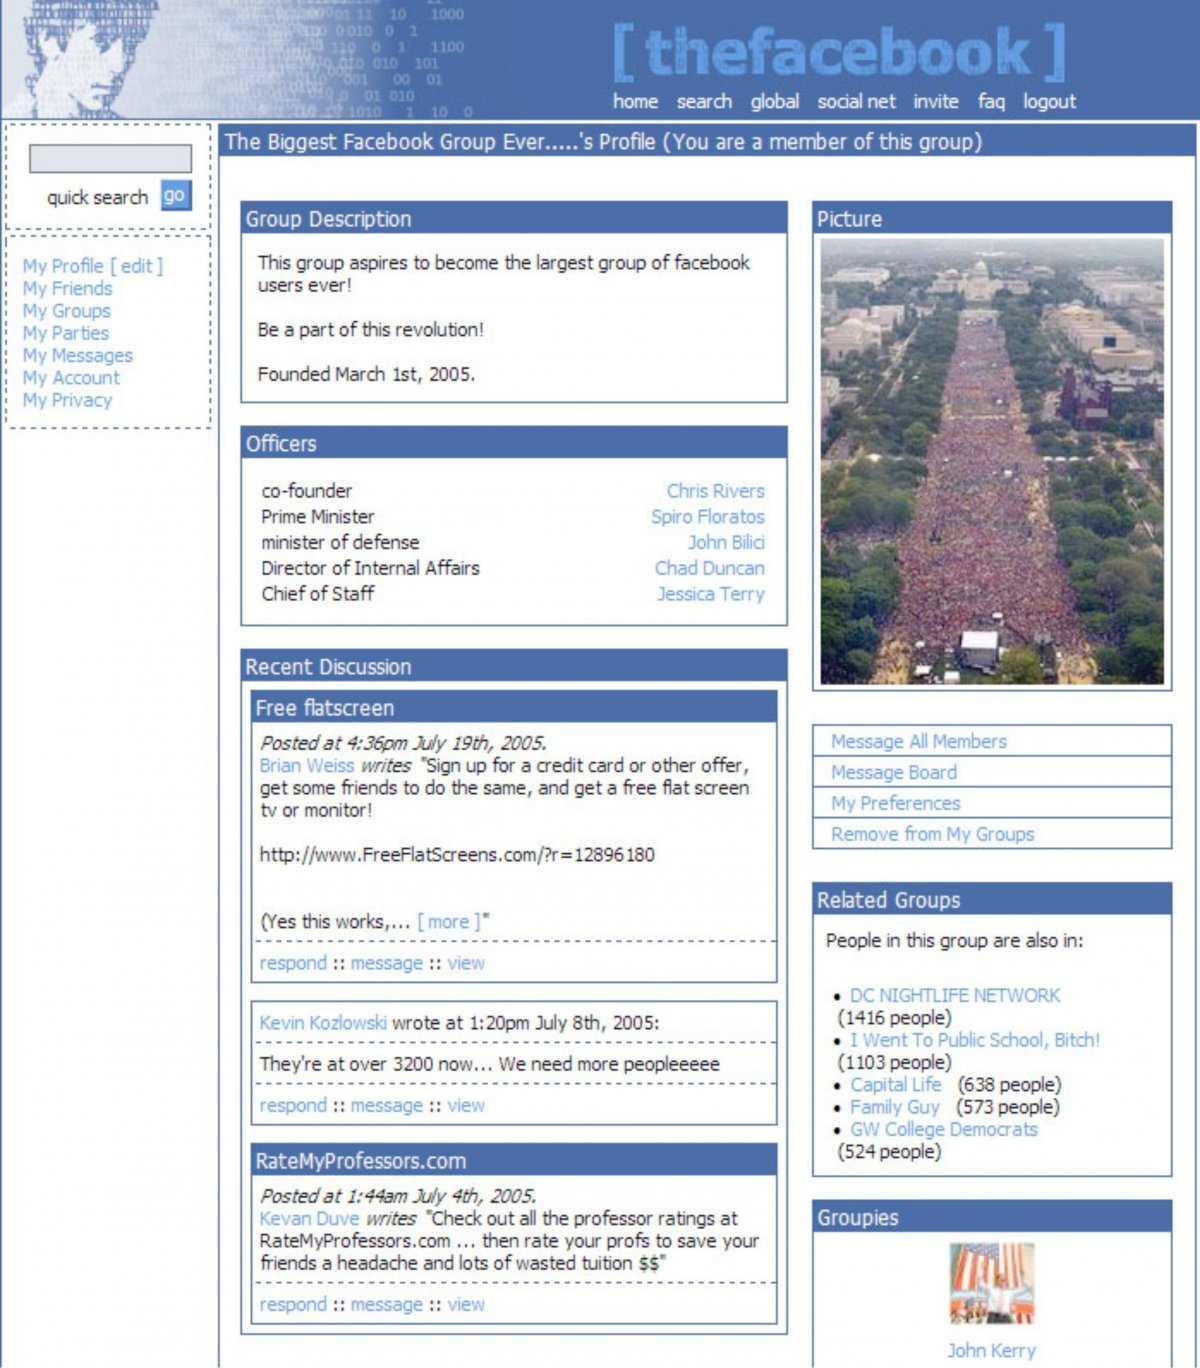 Đây là tất cả những gì chúng ta có thể thấy trên giao diện trang chủ của Facebook vào năm 2005